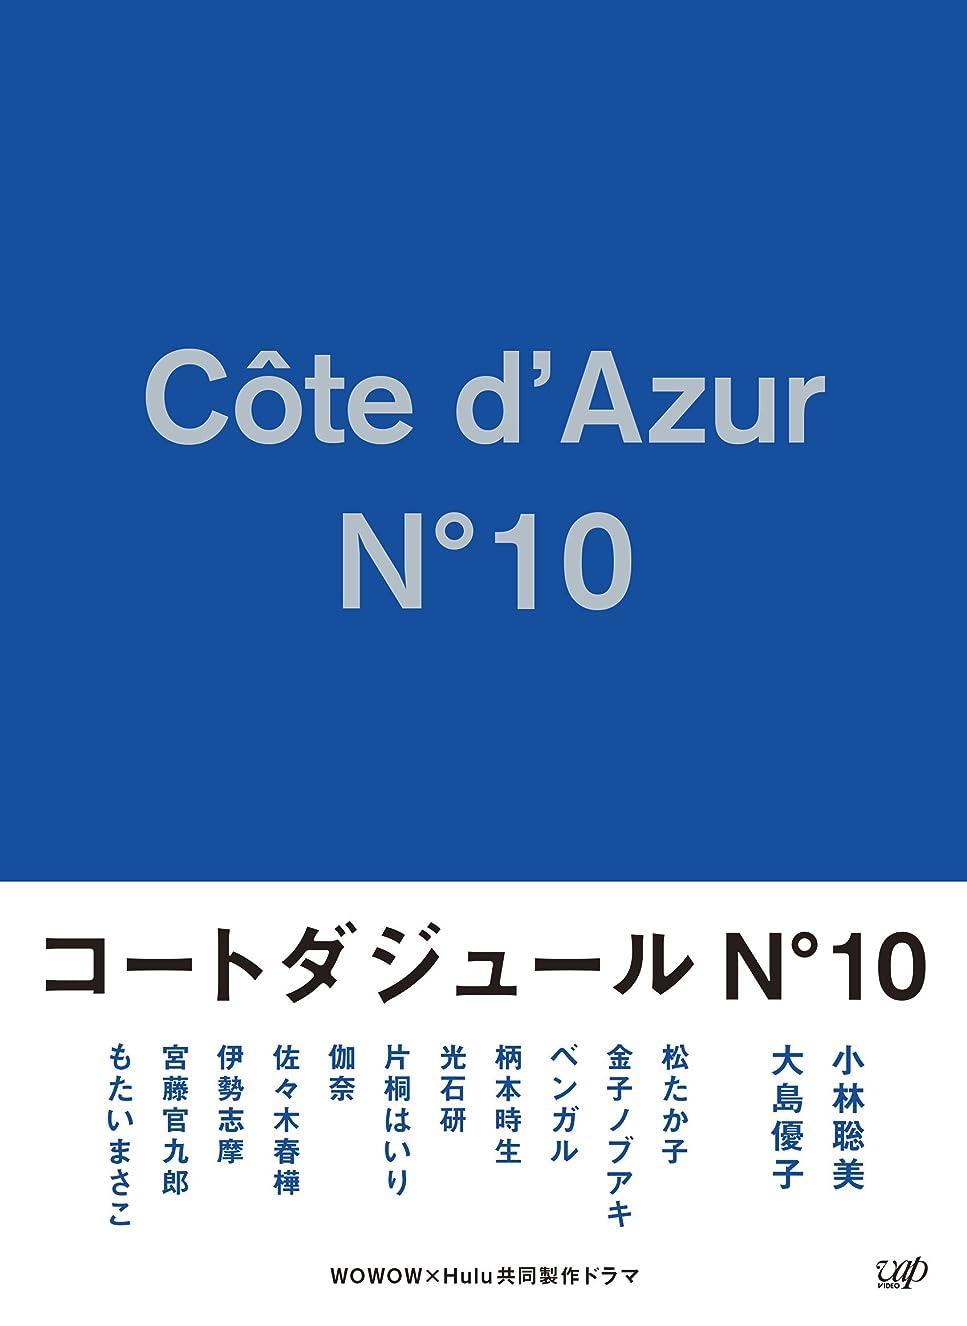 義務海上煩わしい【メーカー特典あり】コートダジュールNo.10 Blu-ray BOX (オリジナルトートバッグ付)